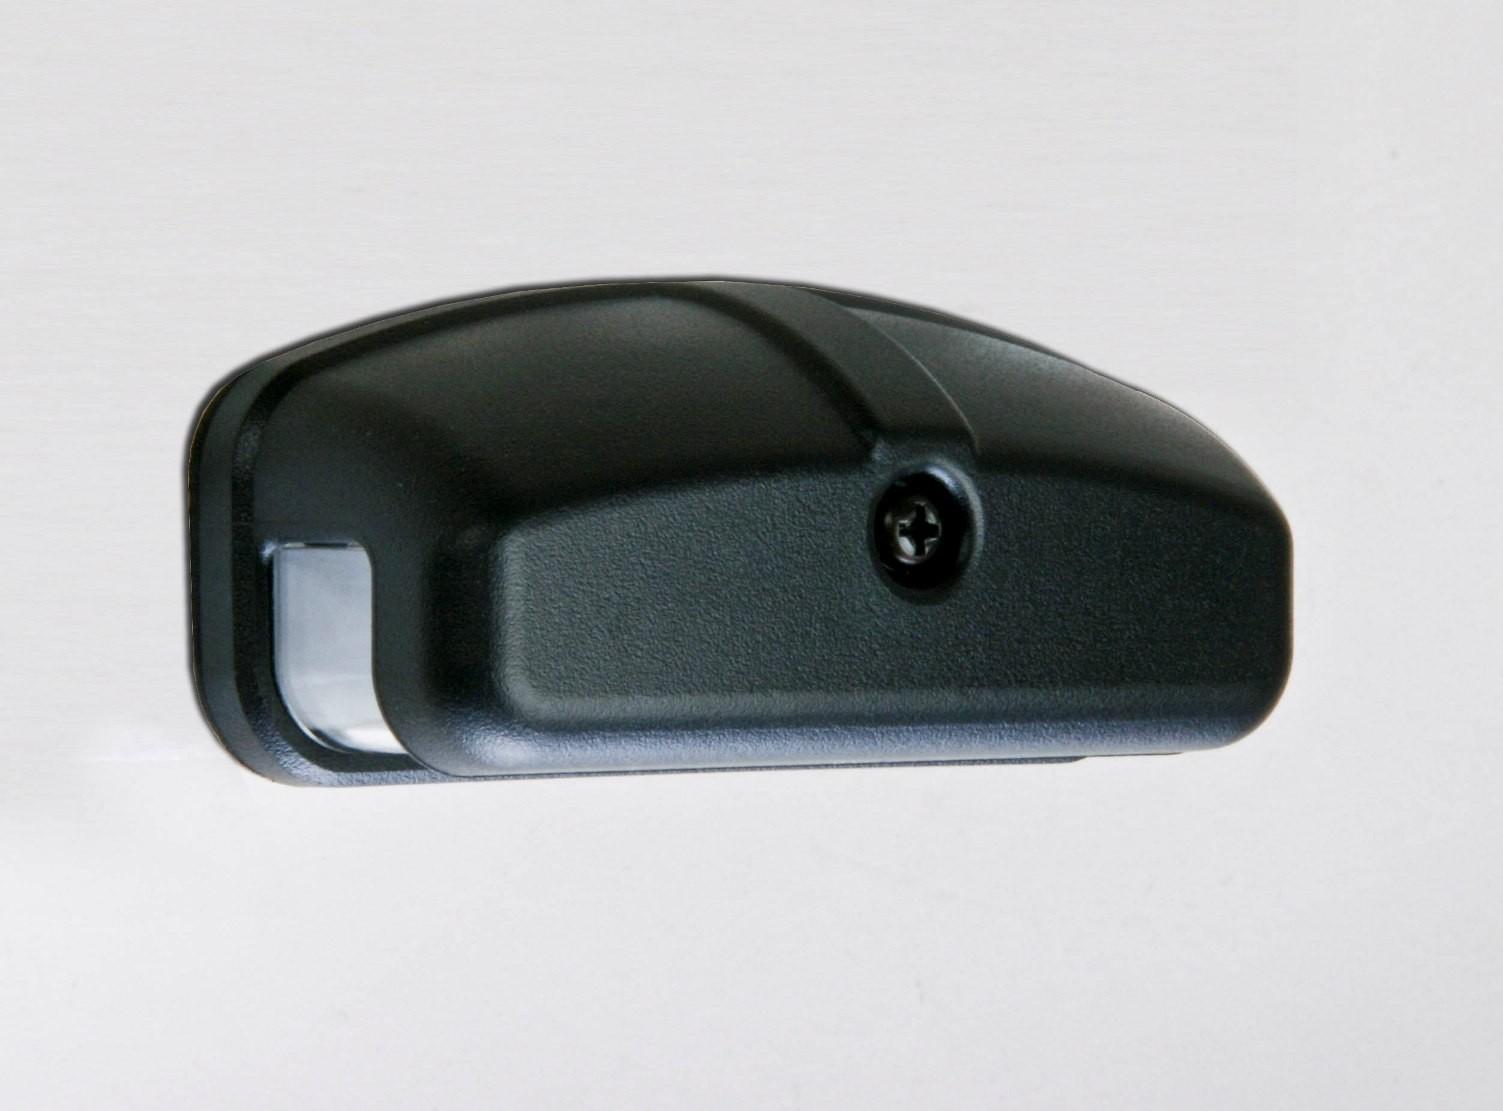 LED number plate light for Land Rover Defender 90/110/130